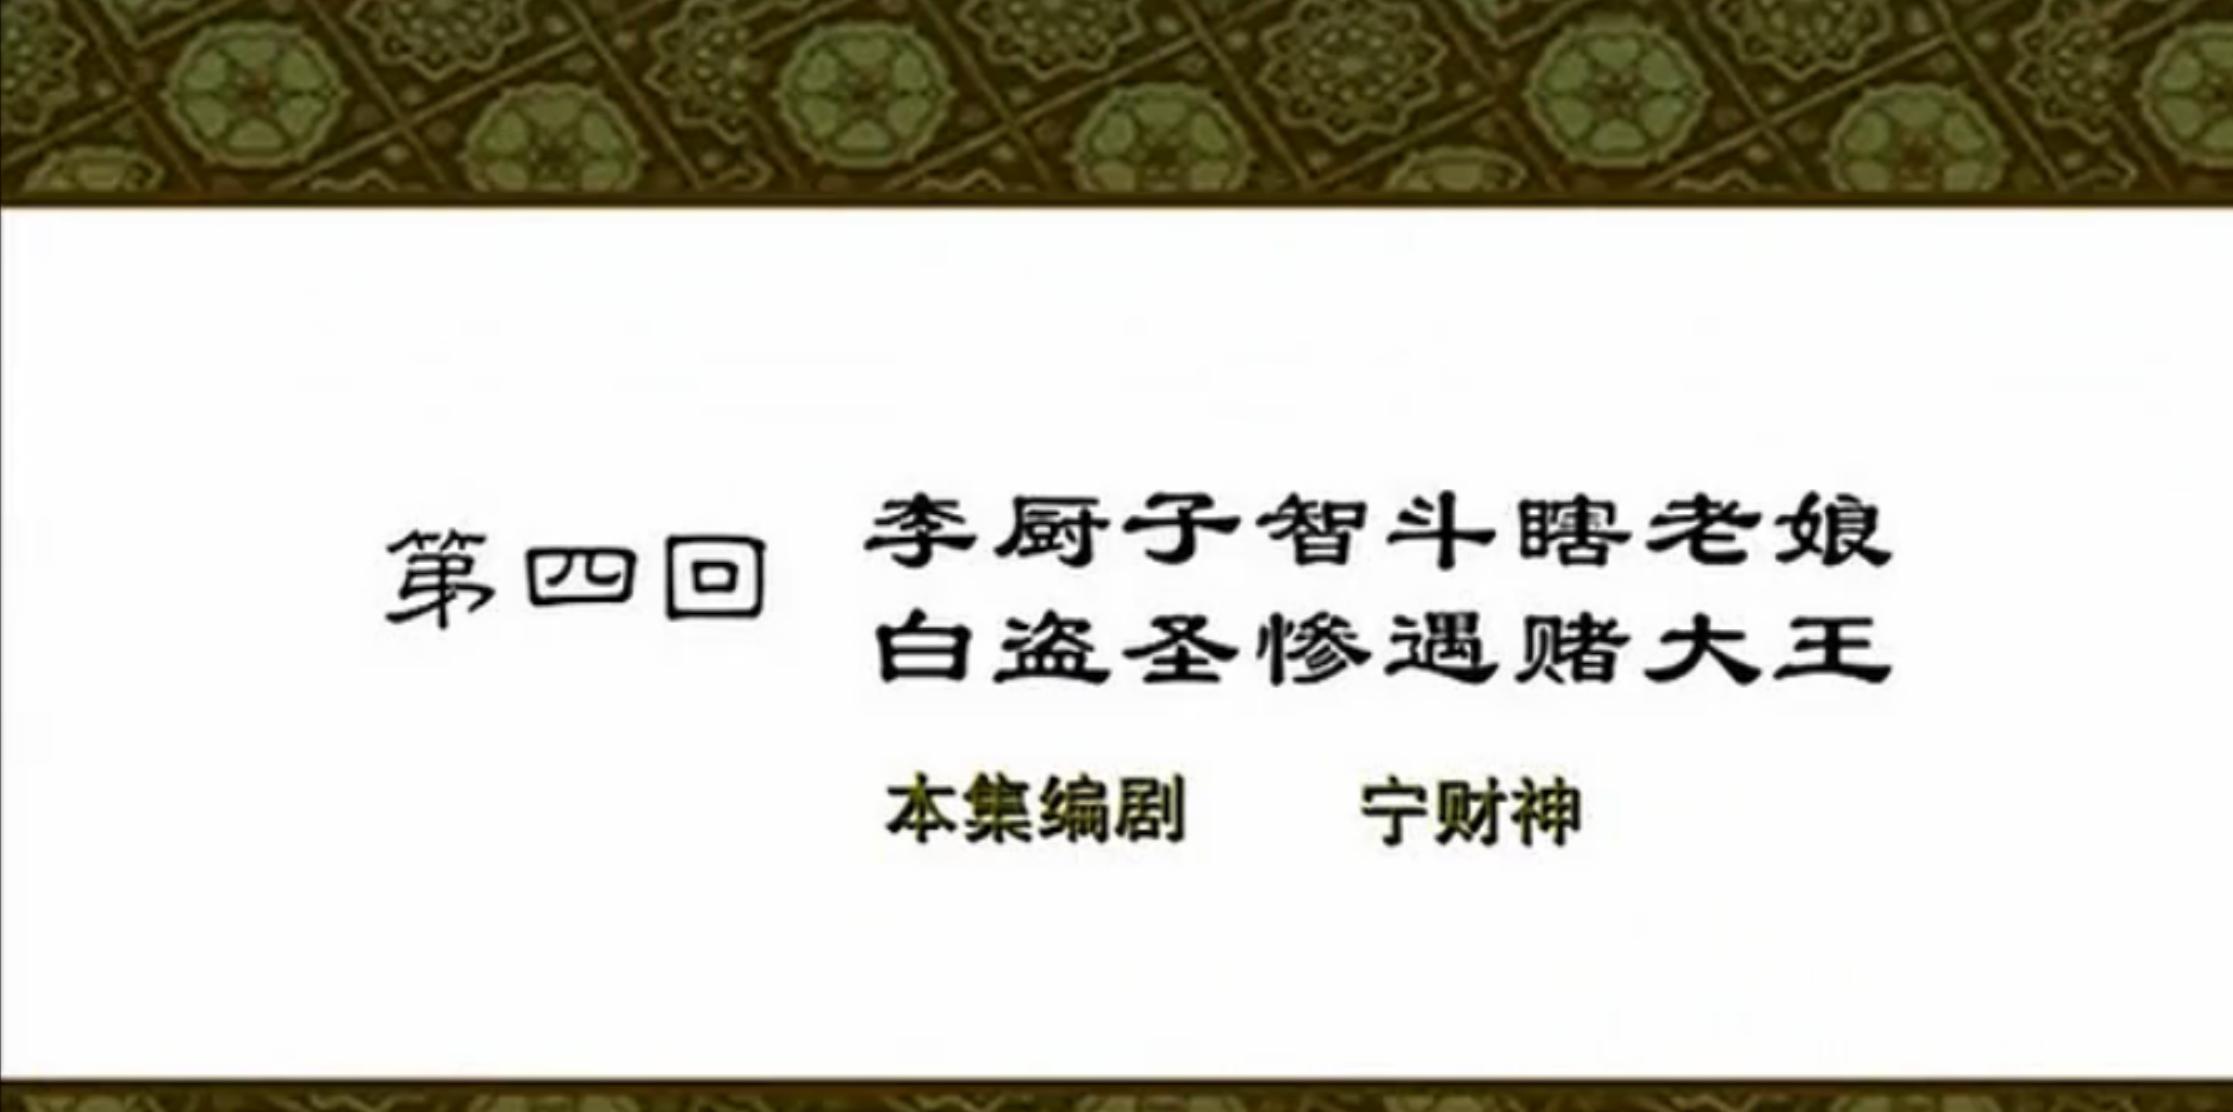 武林外传(24小时轮播)